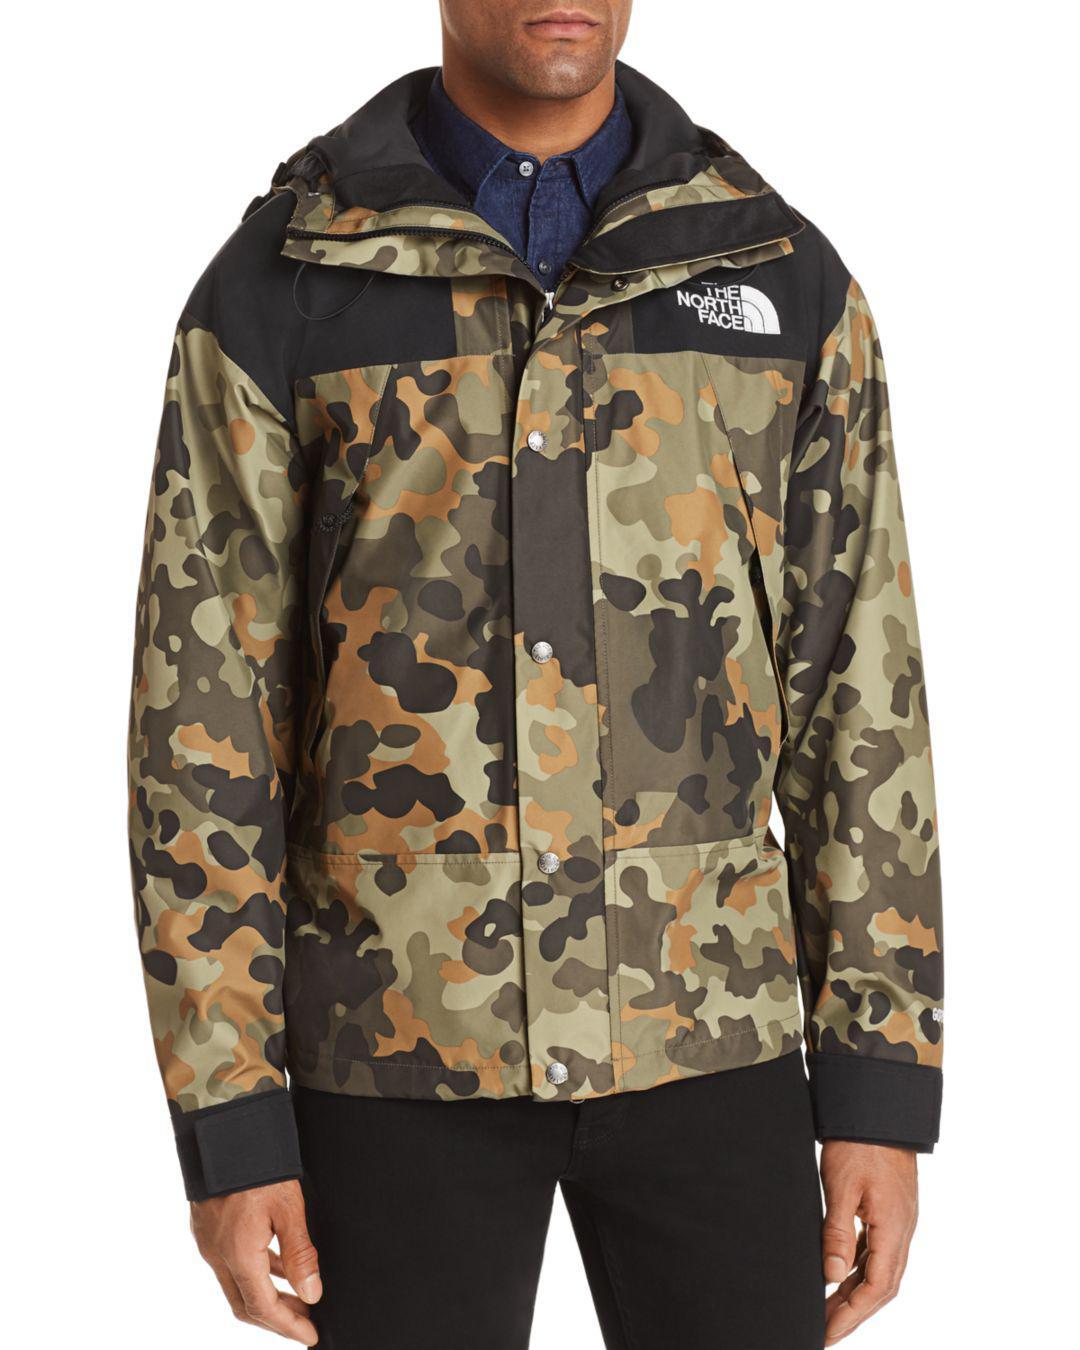 12047aa13 shop north face camo denali jacket 984d2 4b55c